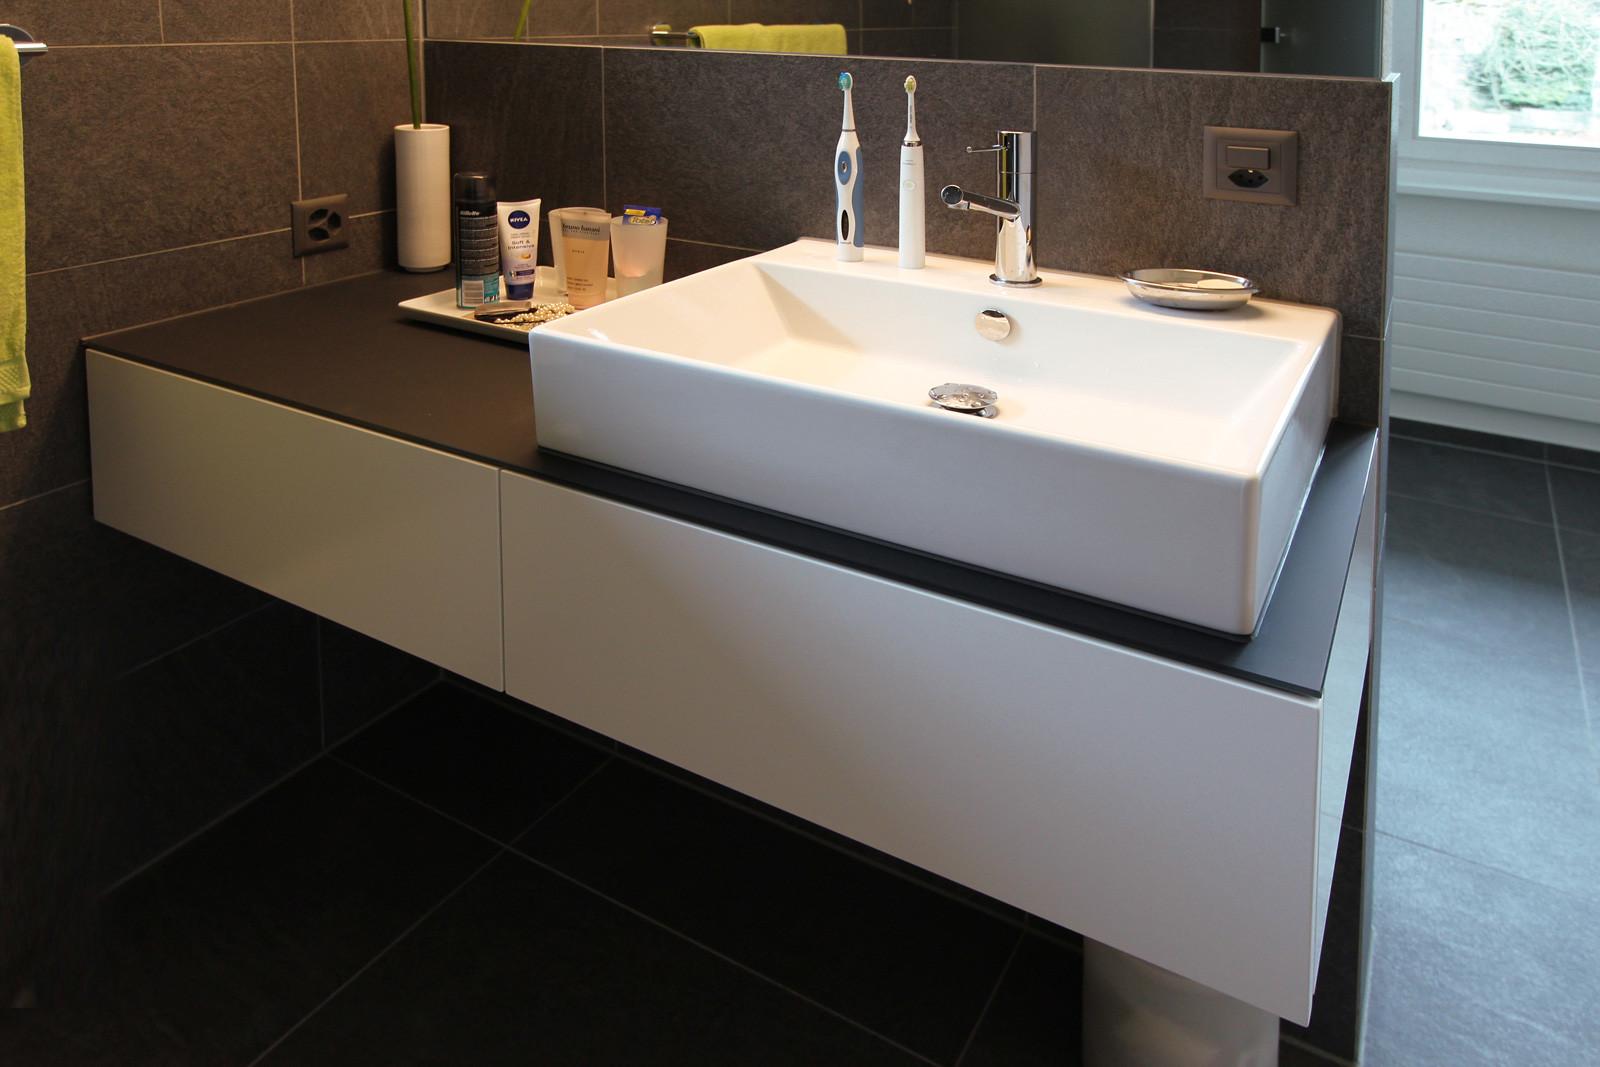 Waschbecken-Unterschrank in Privatwohnung.